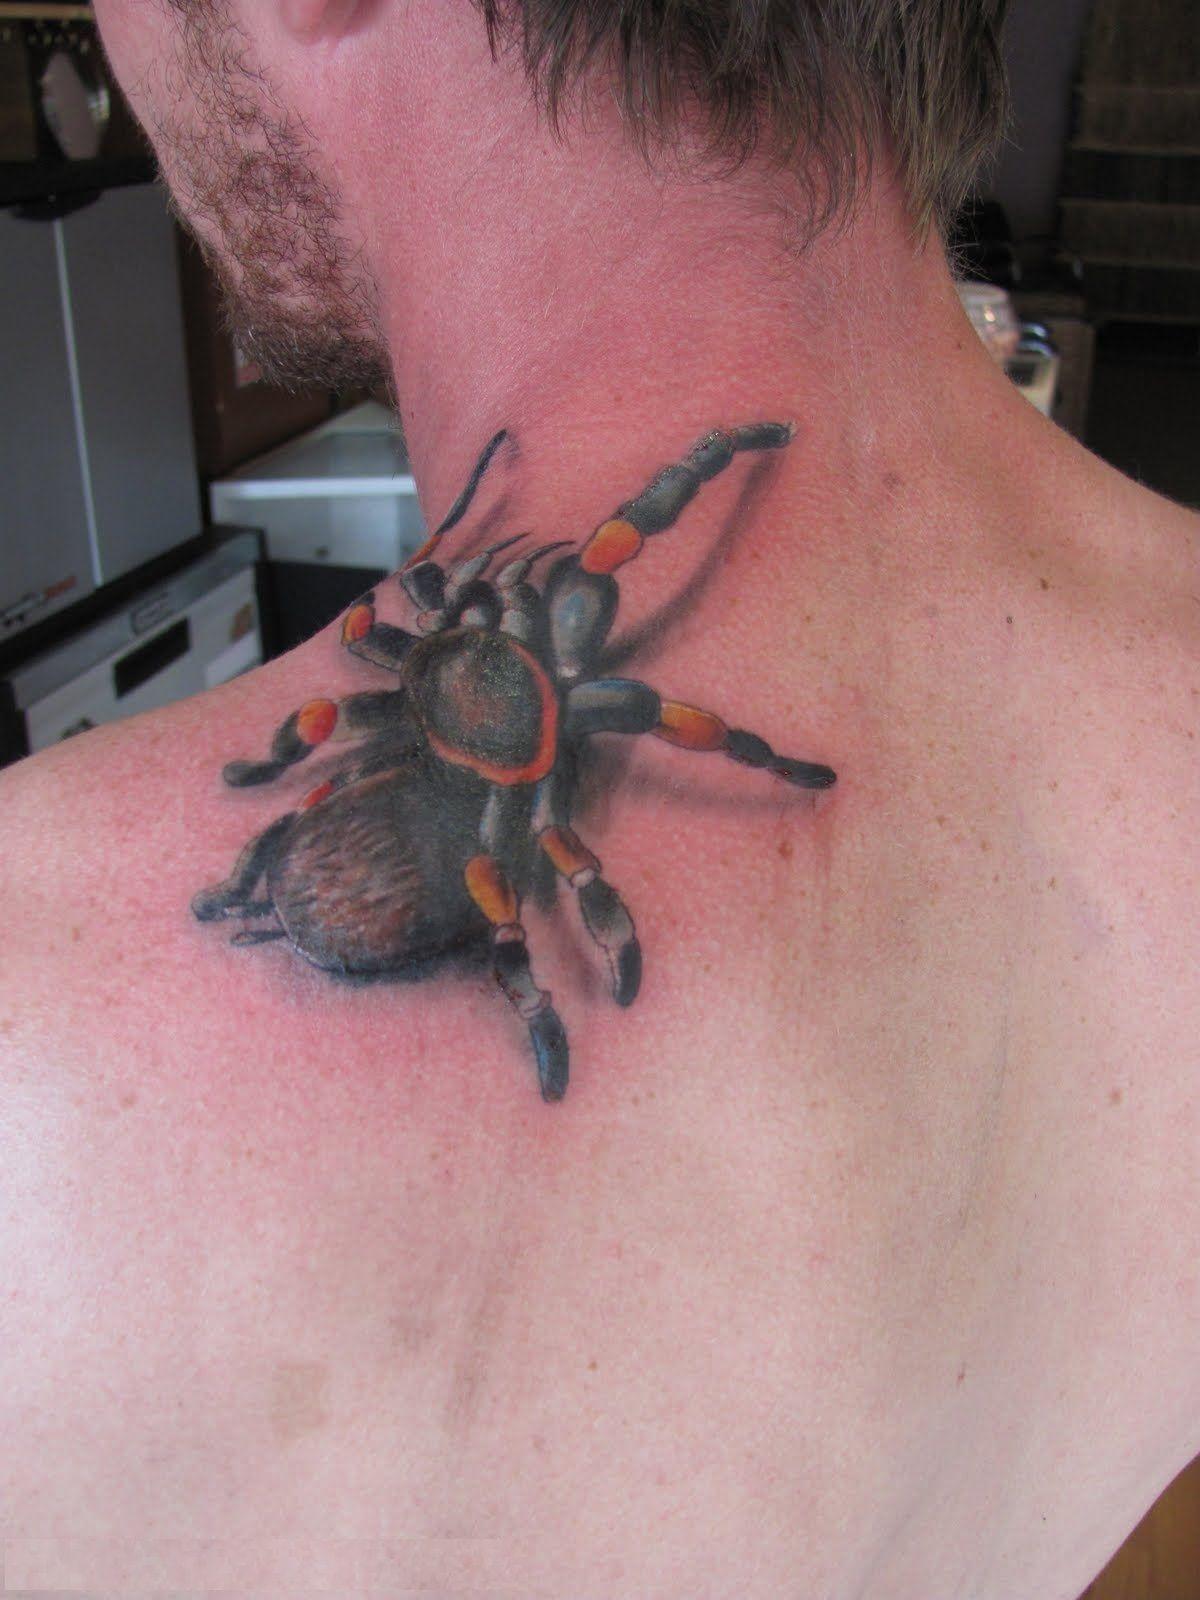 3d tattoo designs - 35 Amazing 3d Tattoo Designs